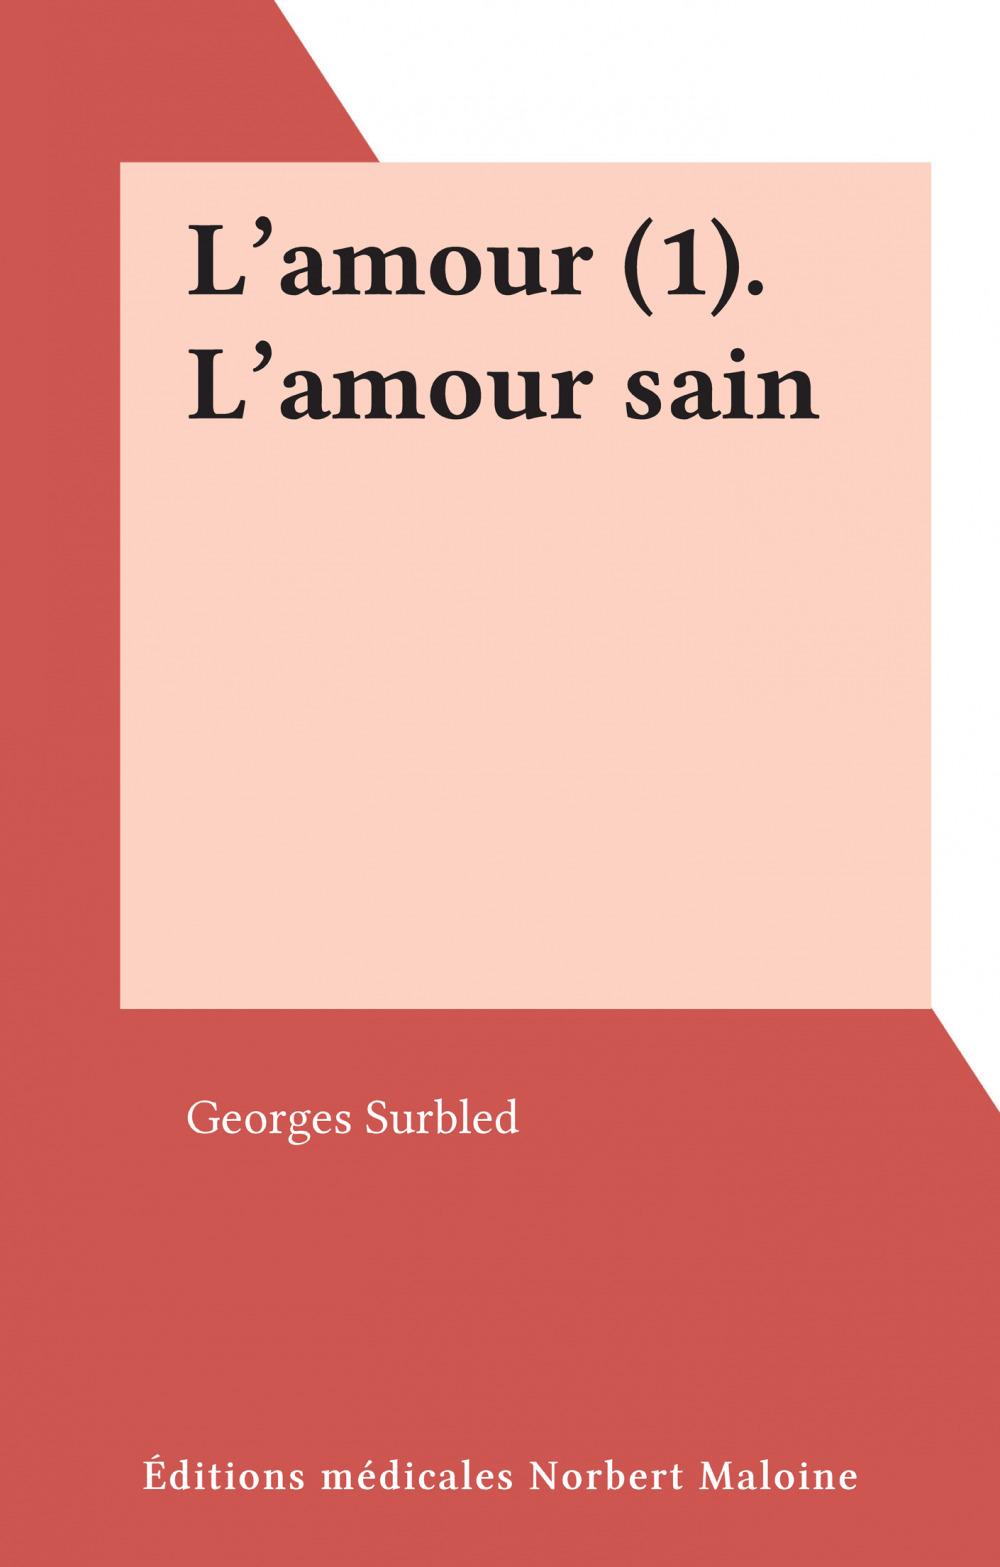 L'amour (1). L'amour sain